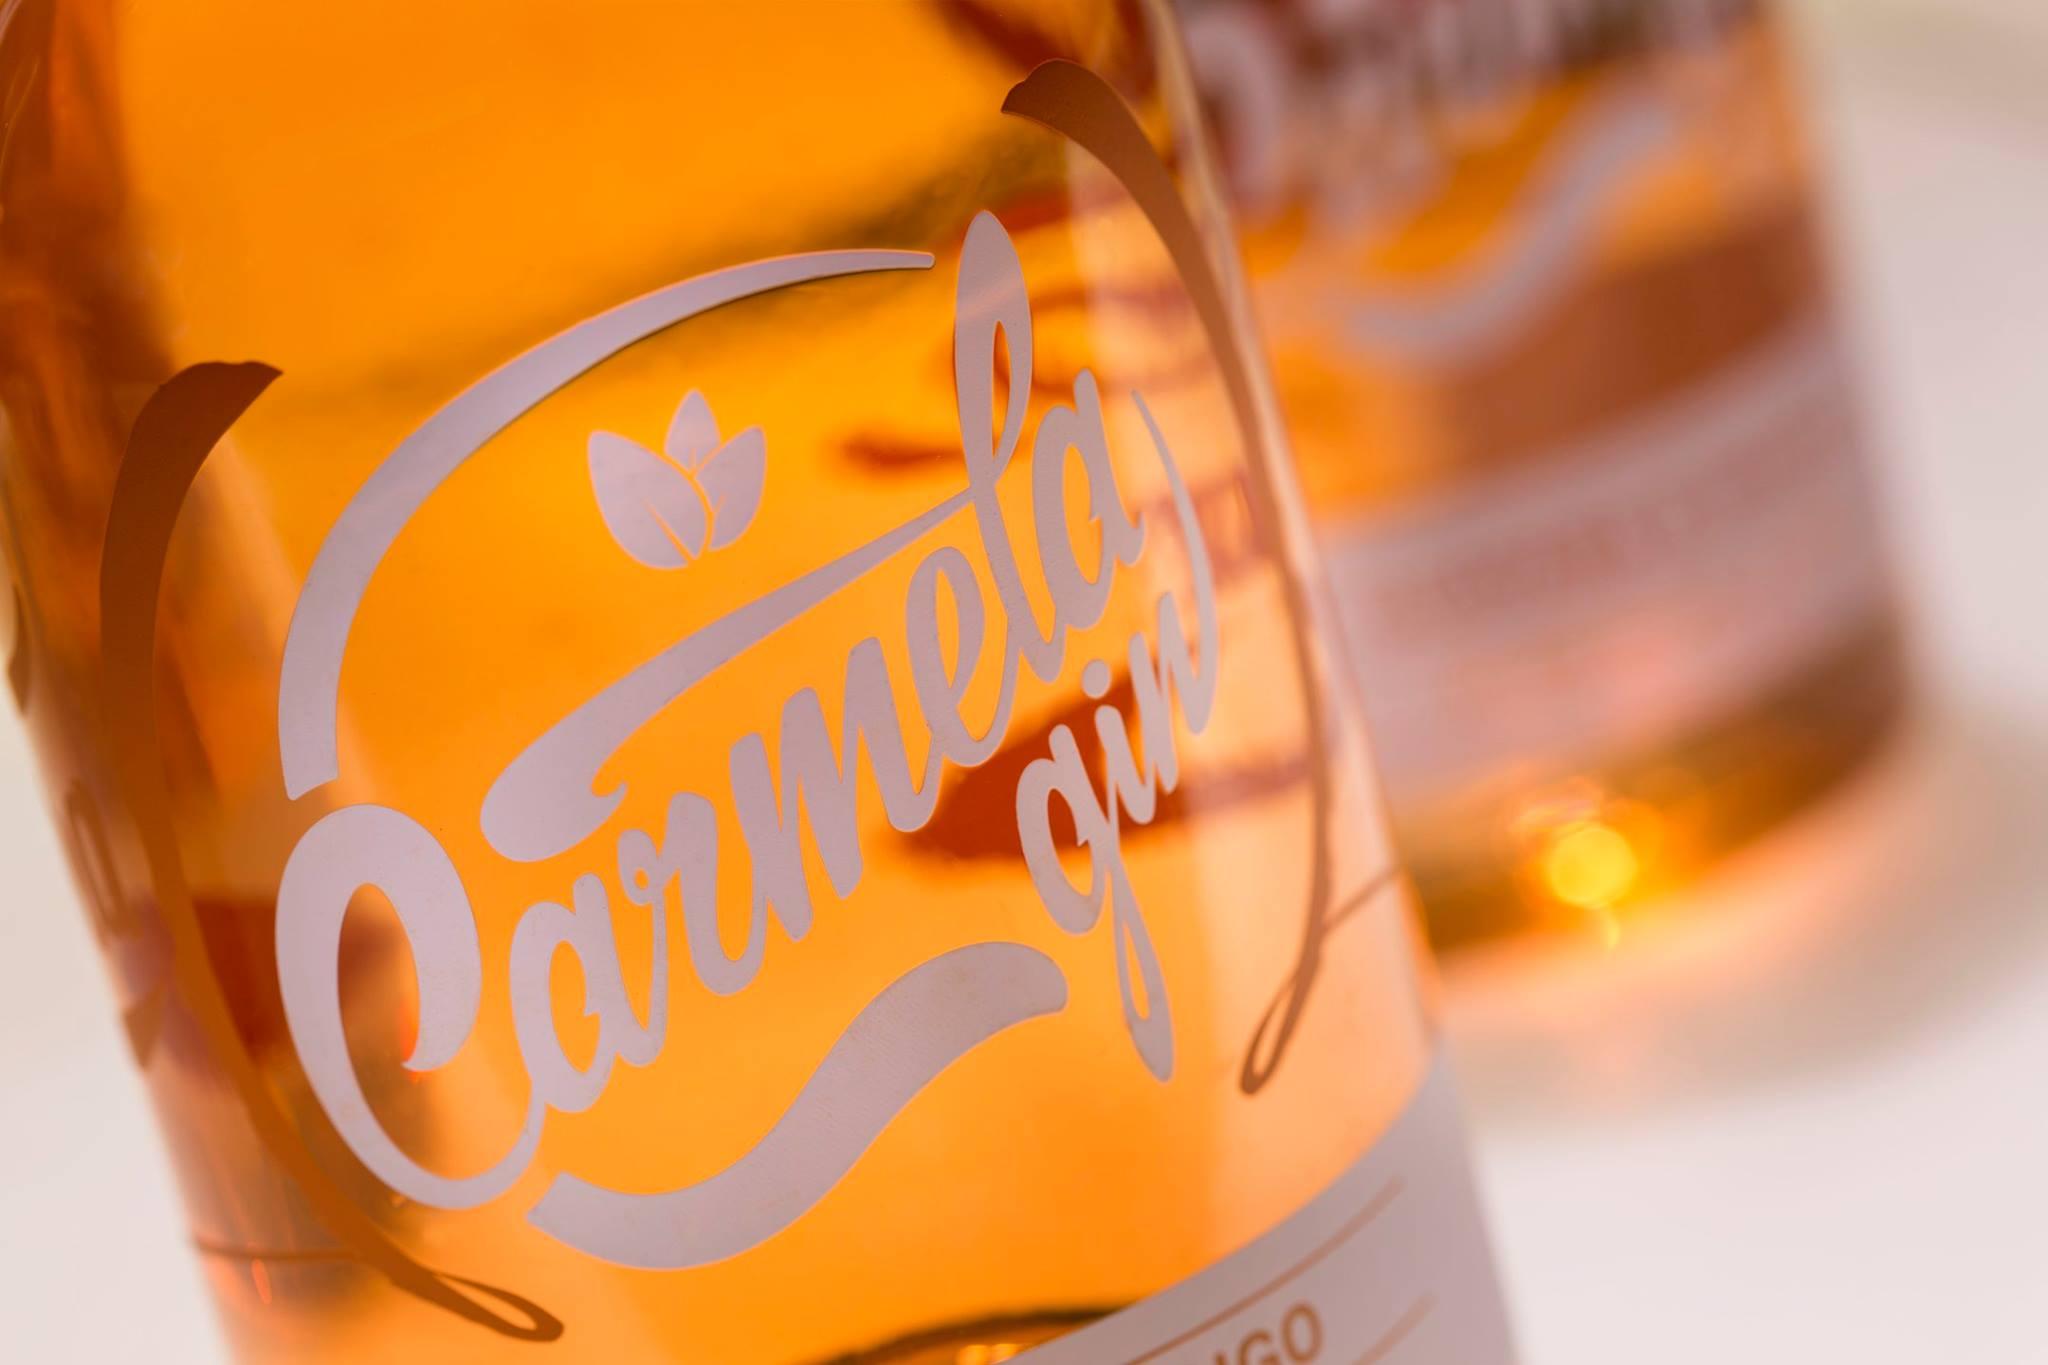 Octubre, ¡nuevas fechas de fiestas Carmela Gin!